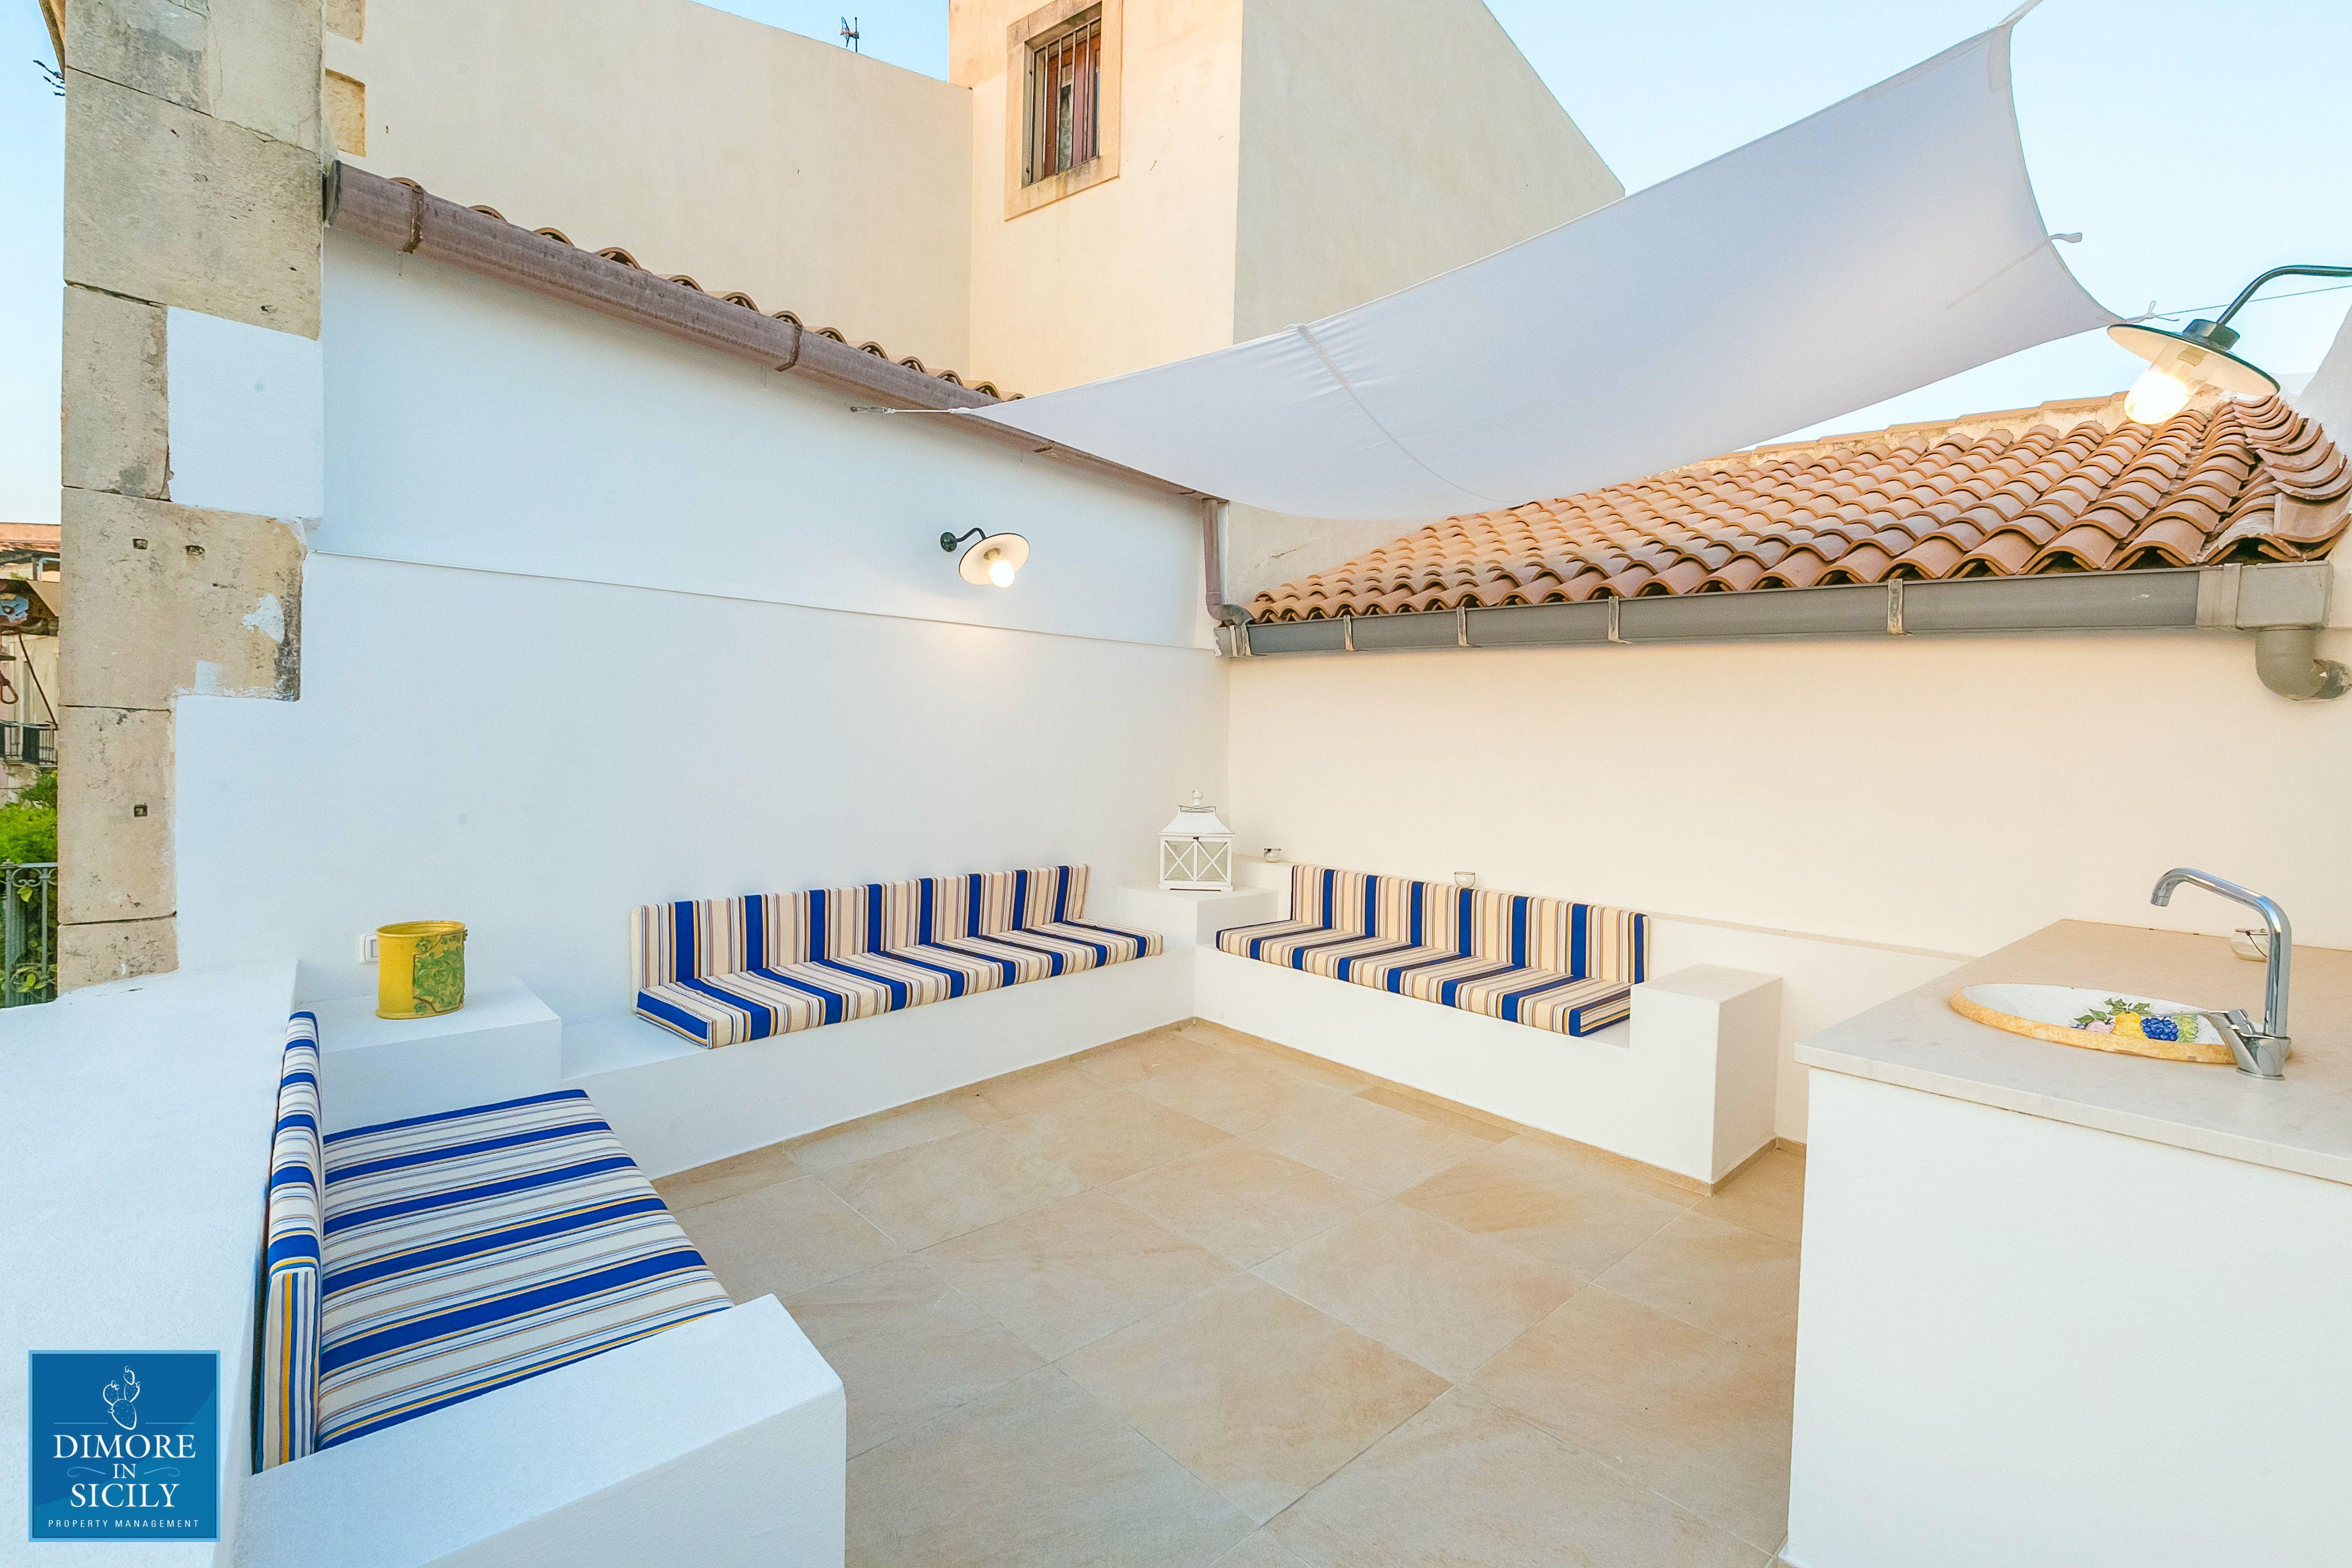 Veronique luxury apartments, terrazza sul mare , by Dimore